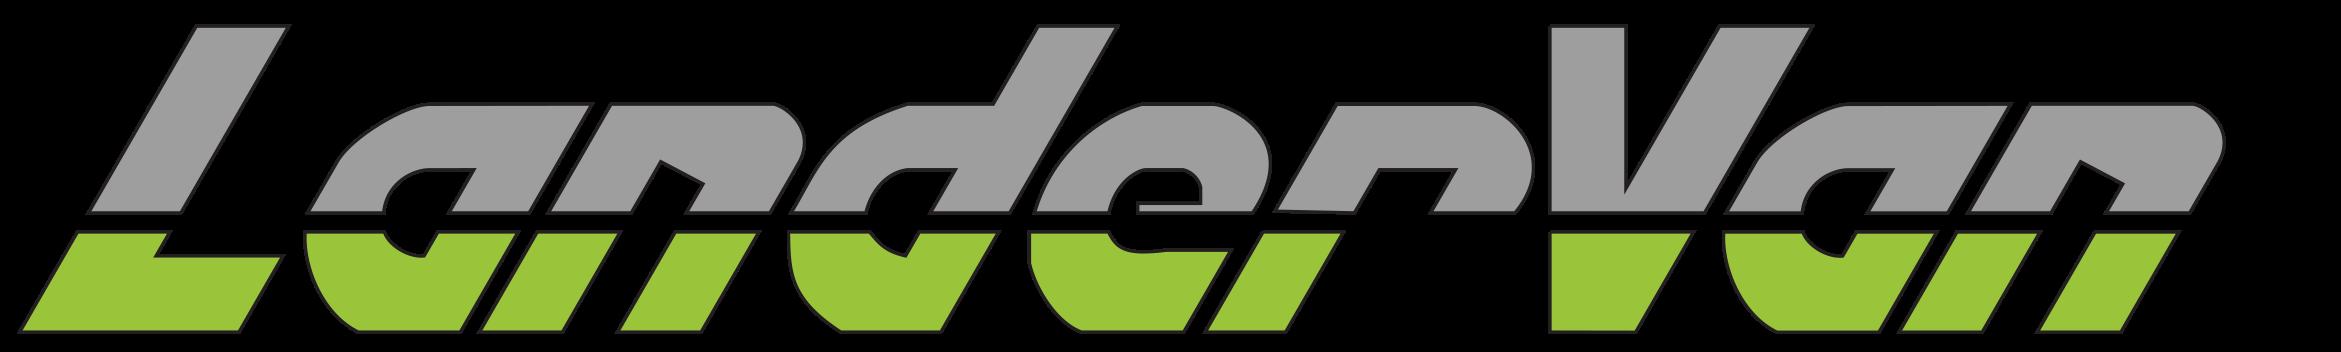 Landervan